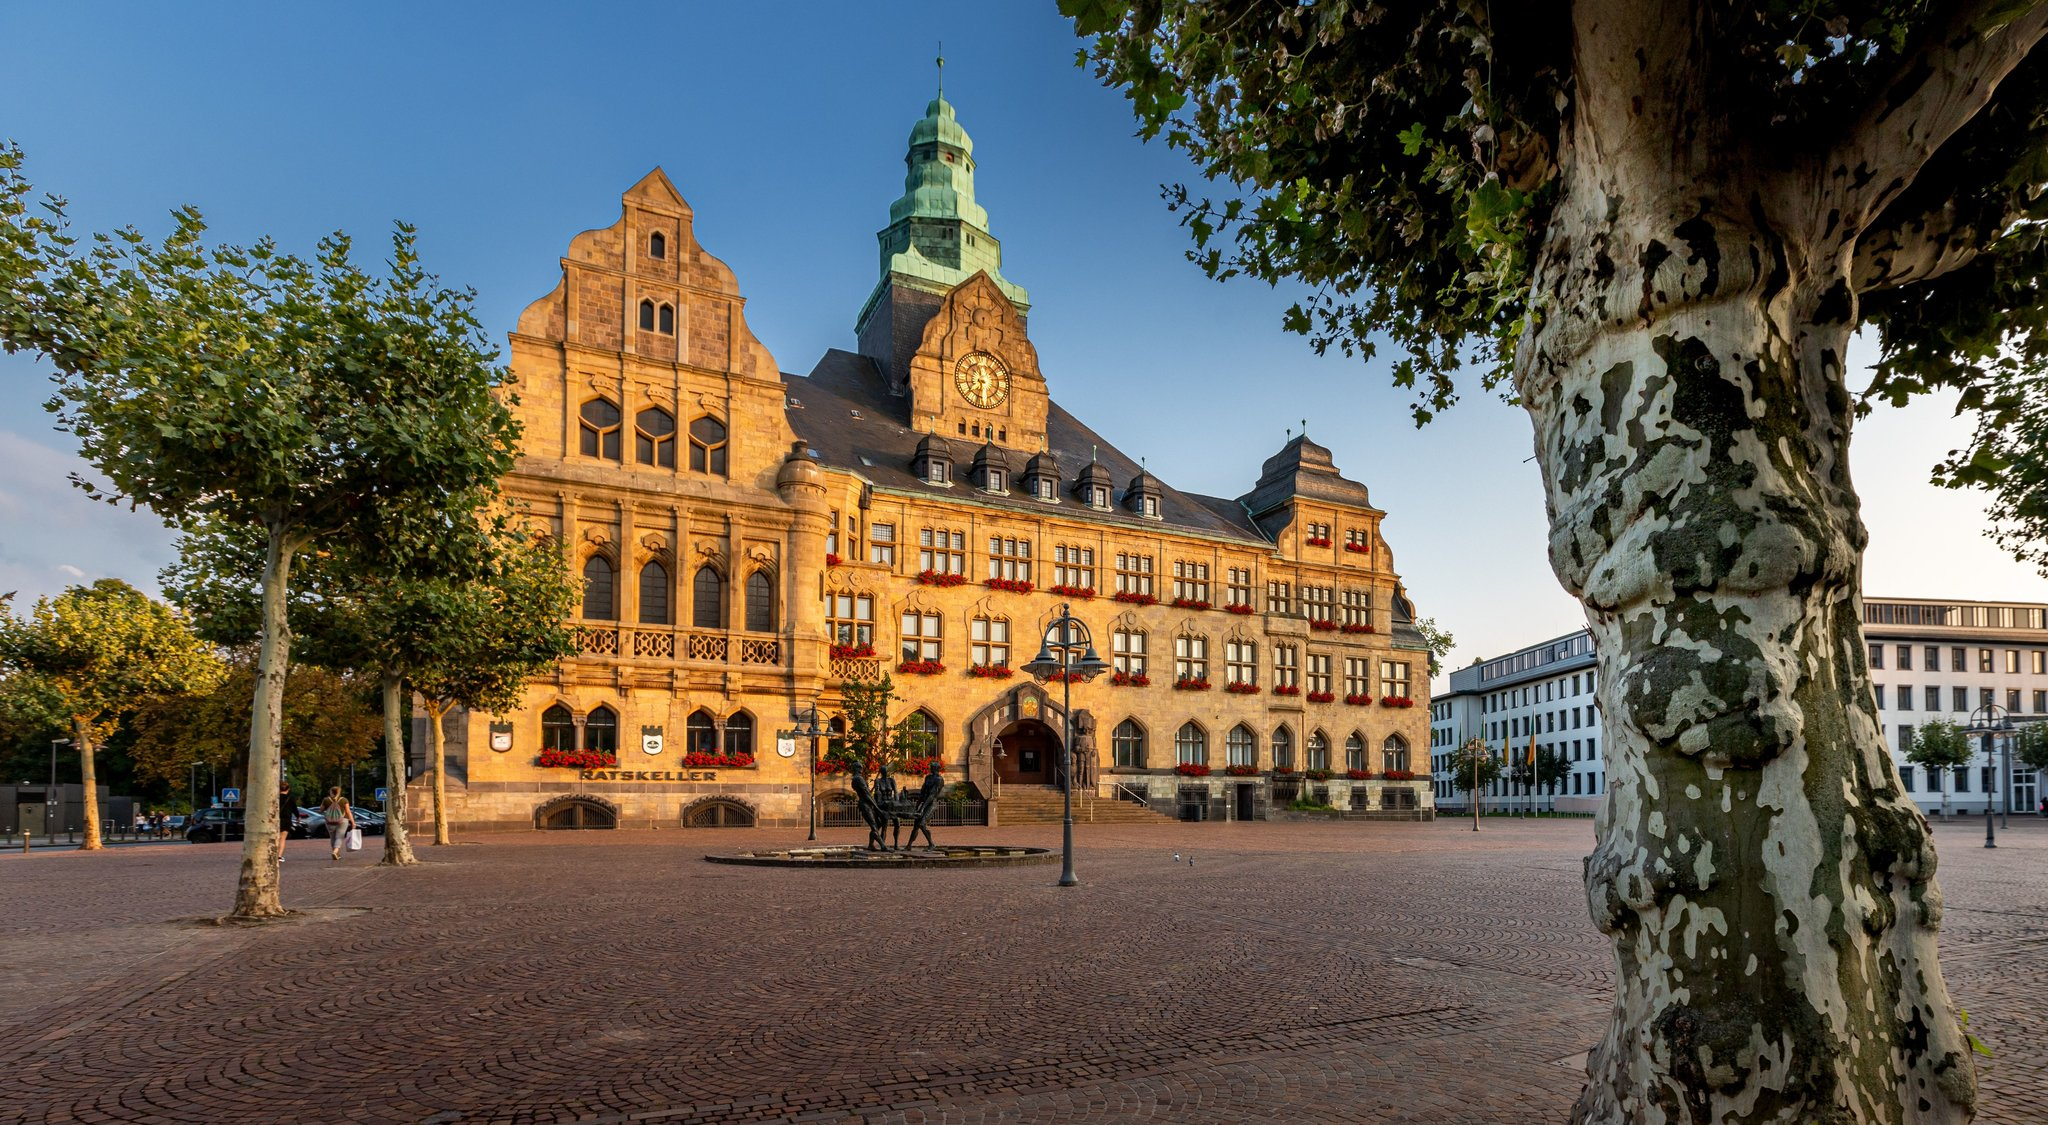 Schönstes Rathaus Nrw